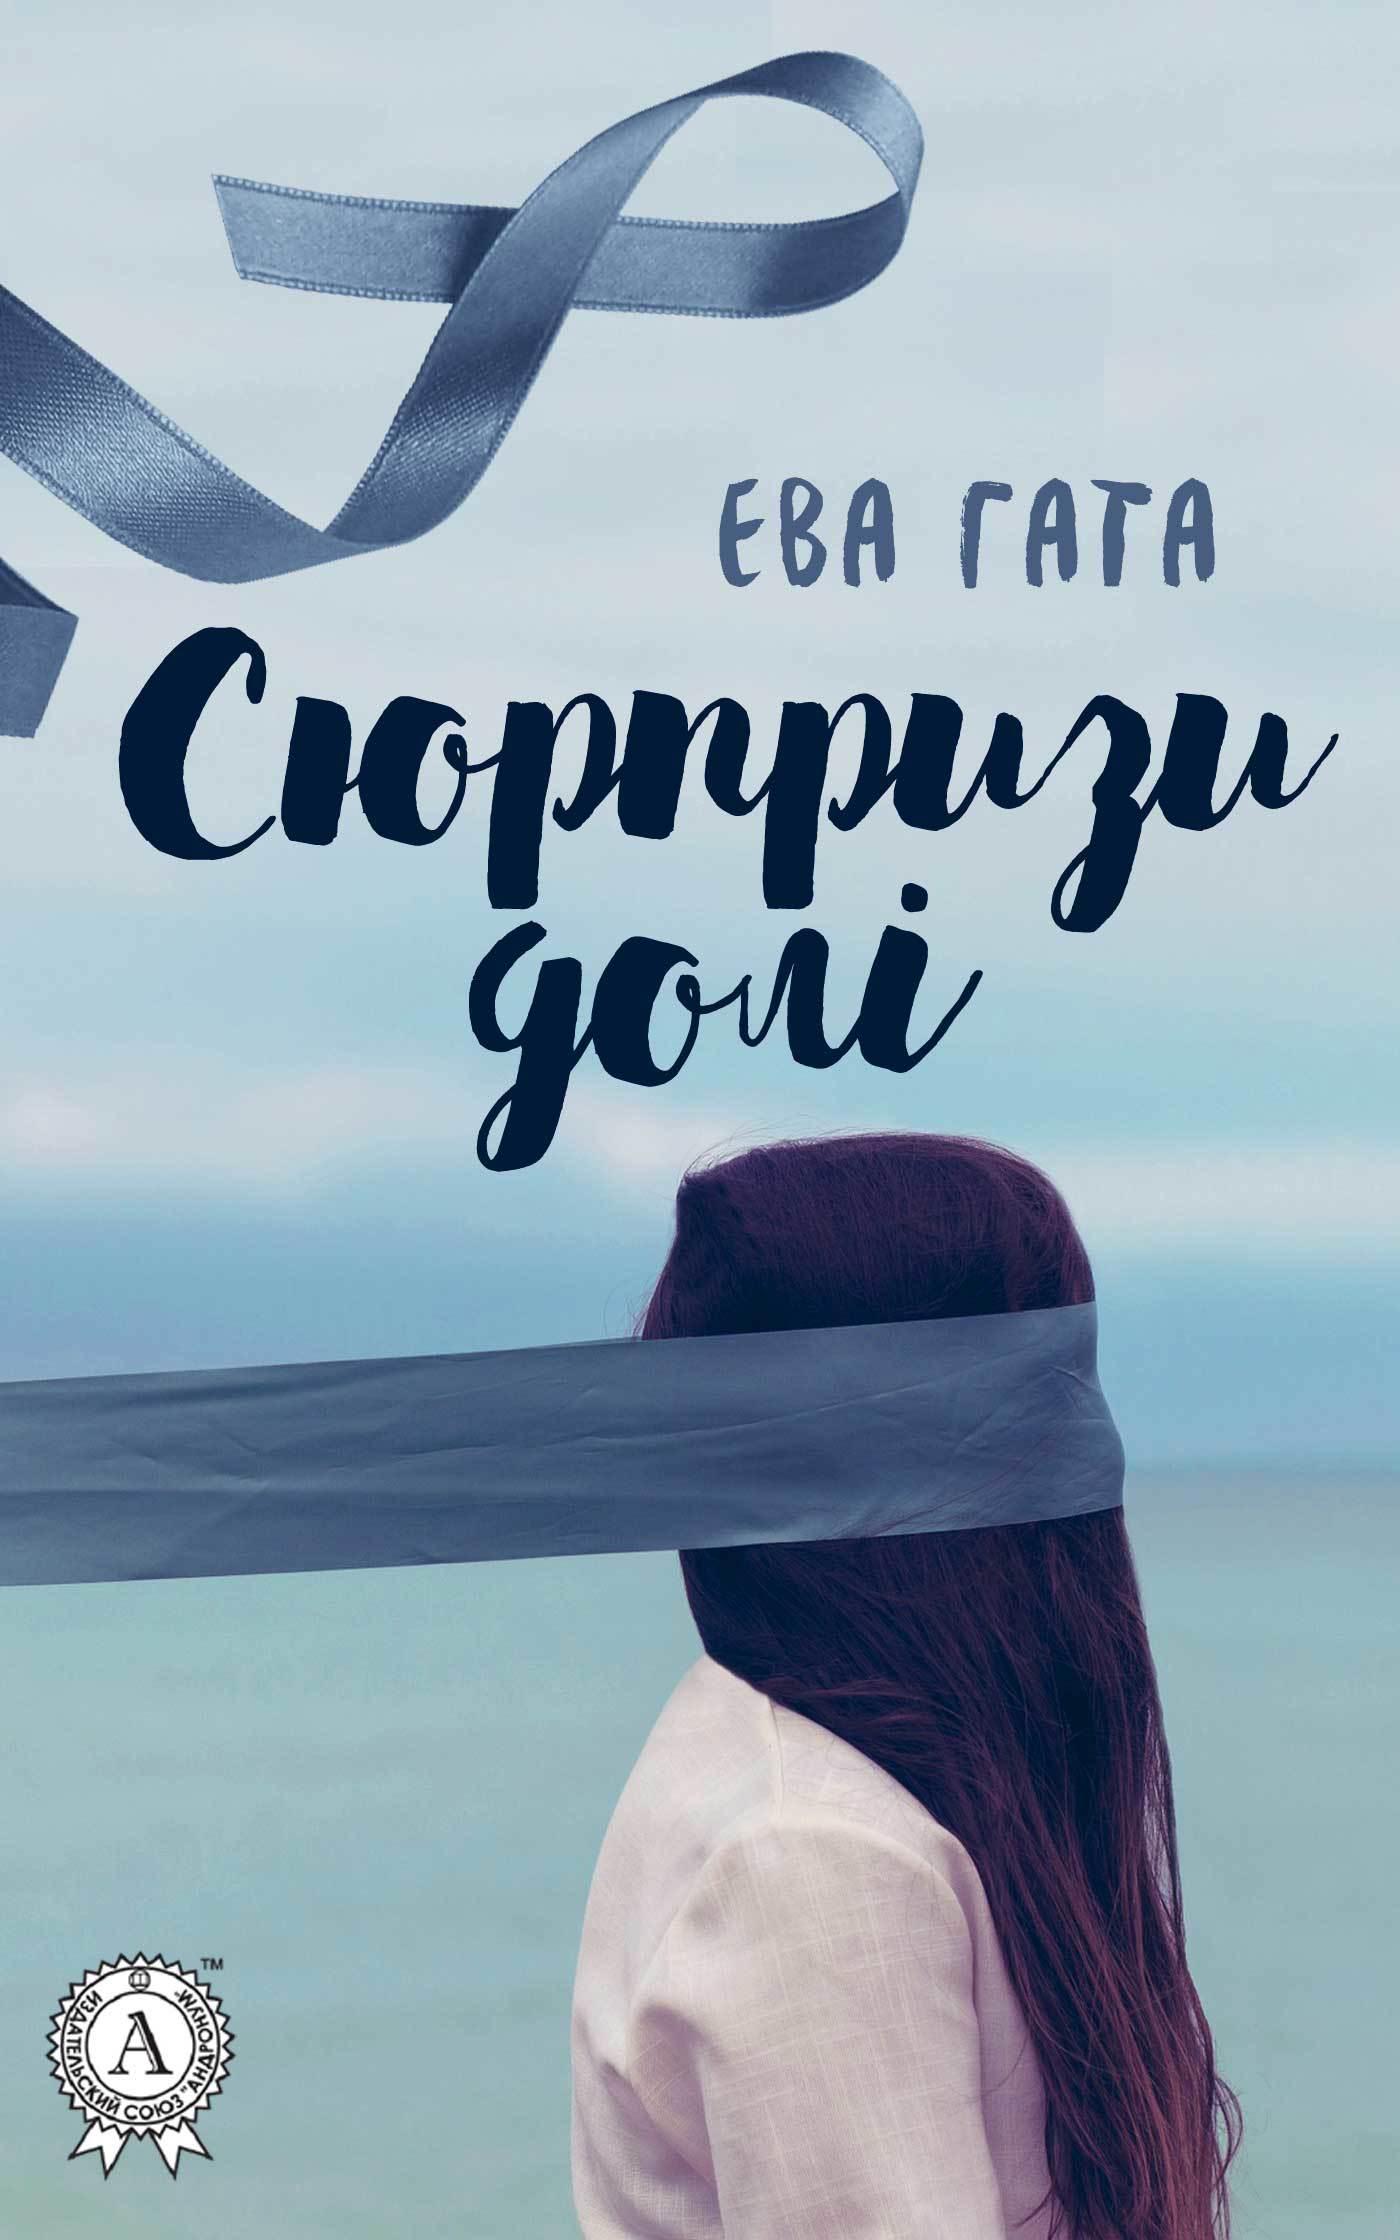 Ева Гата бесплатно